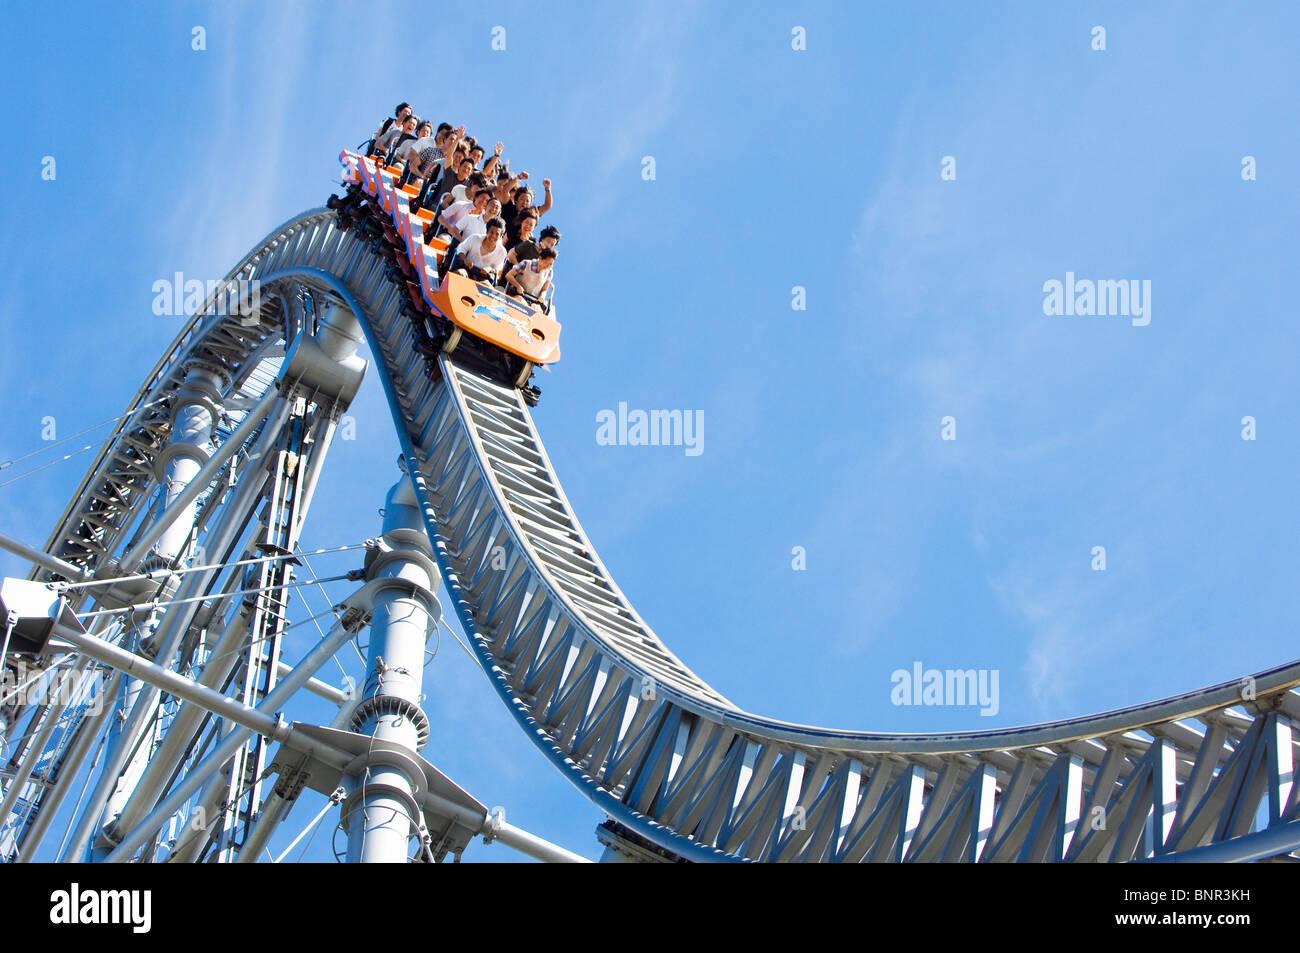 Thunder Dolphin Coaster